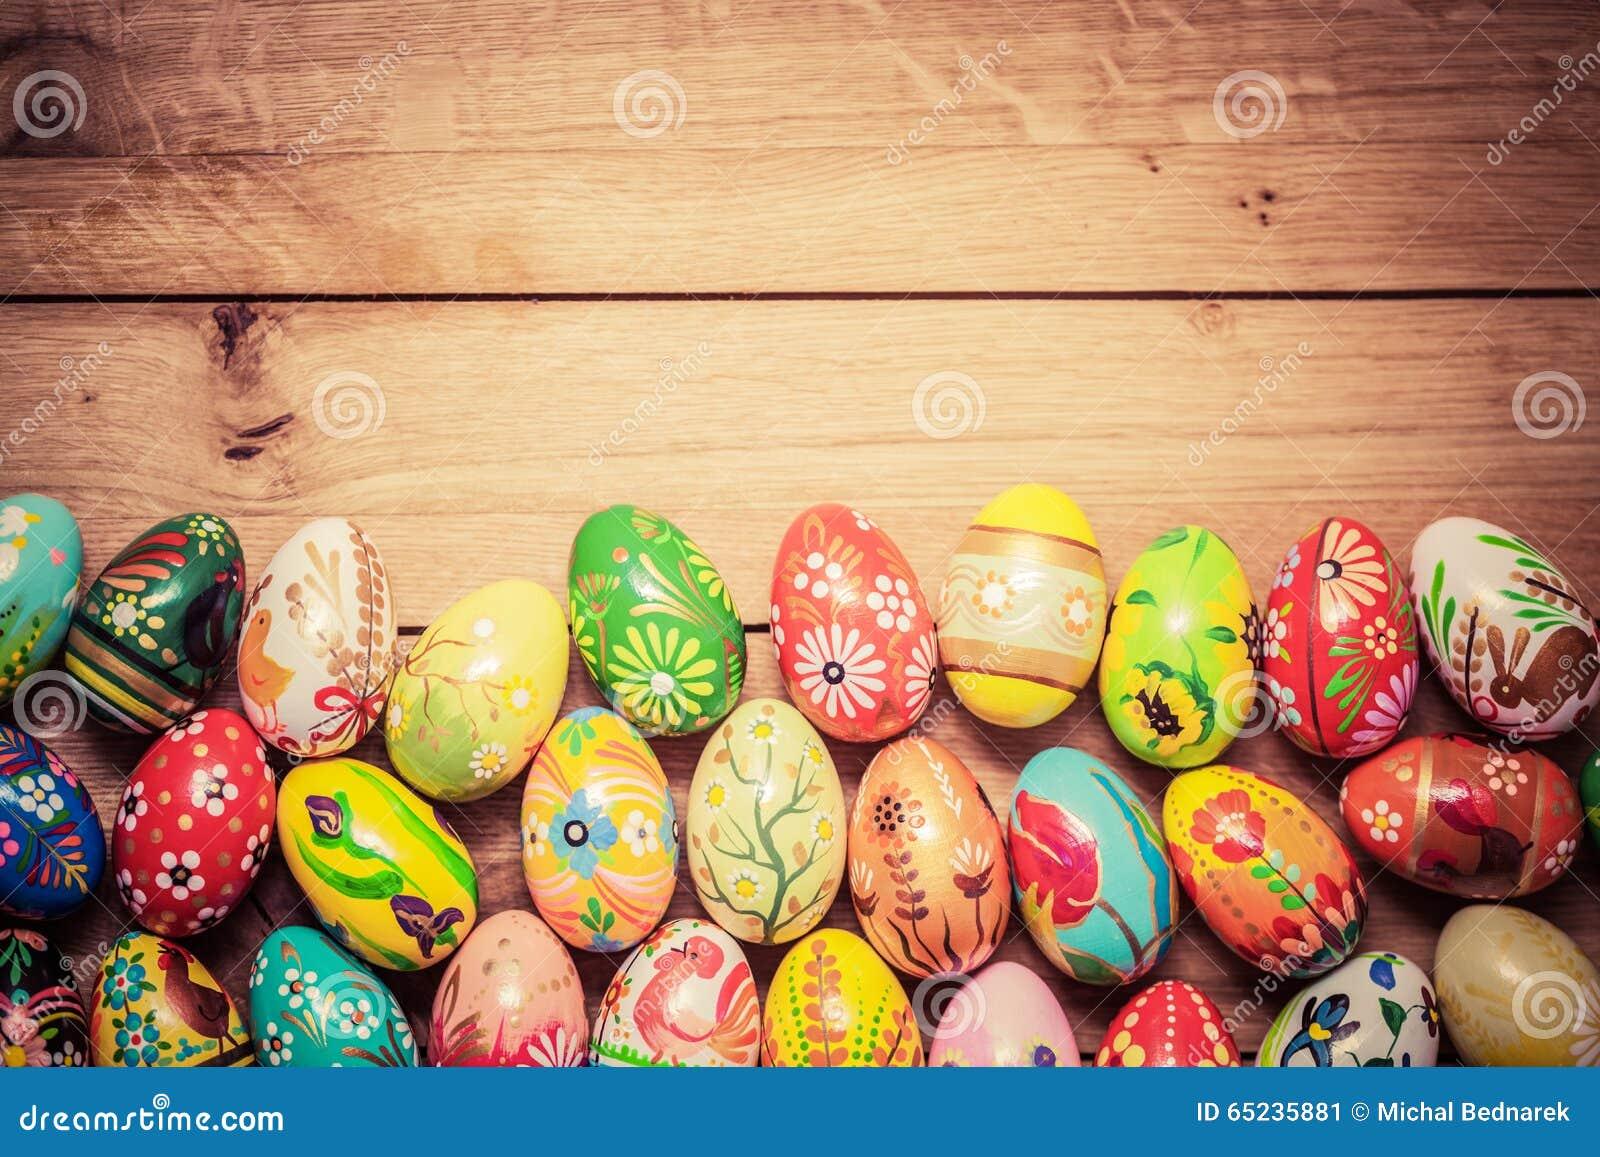 Красочной покрашенные рукой пасхальные яйца на древесине Уникально handmade, винтажный дизайн